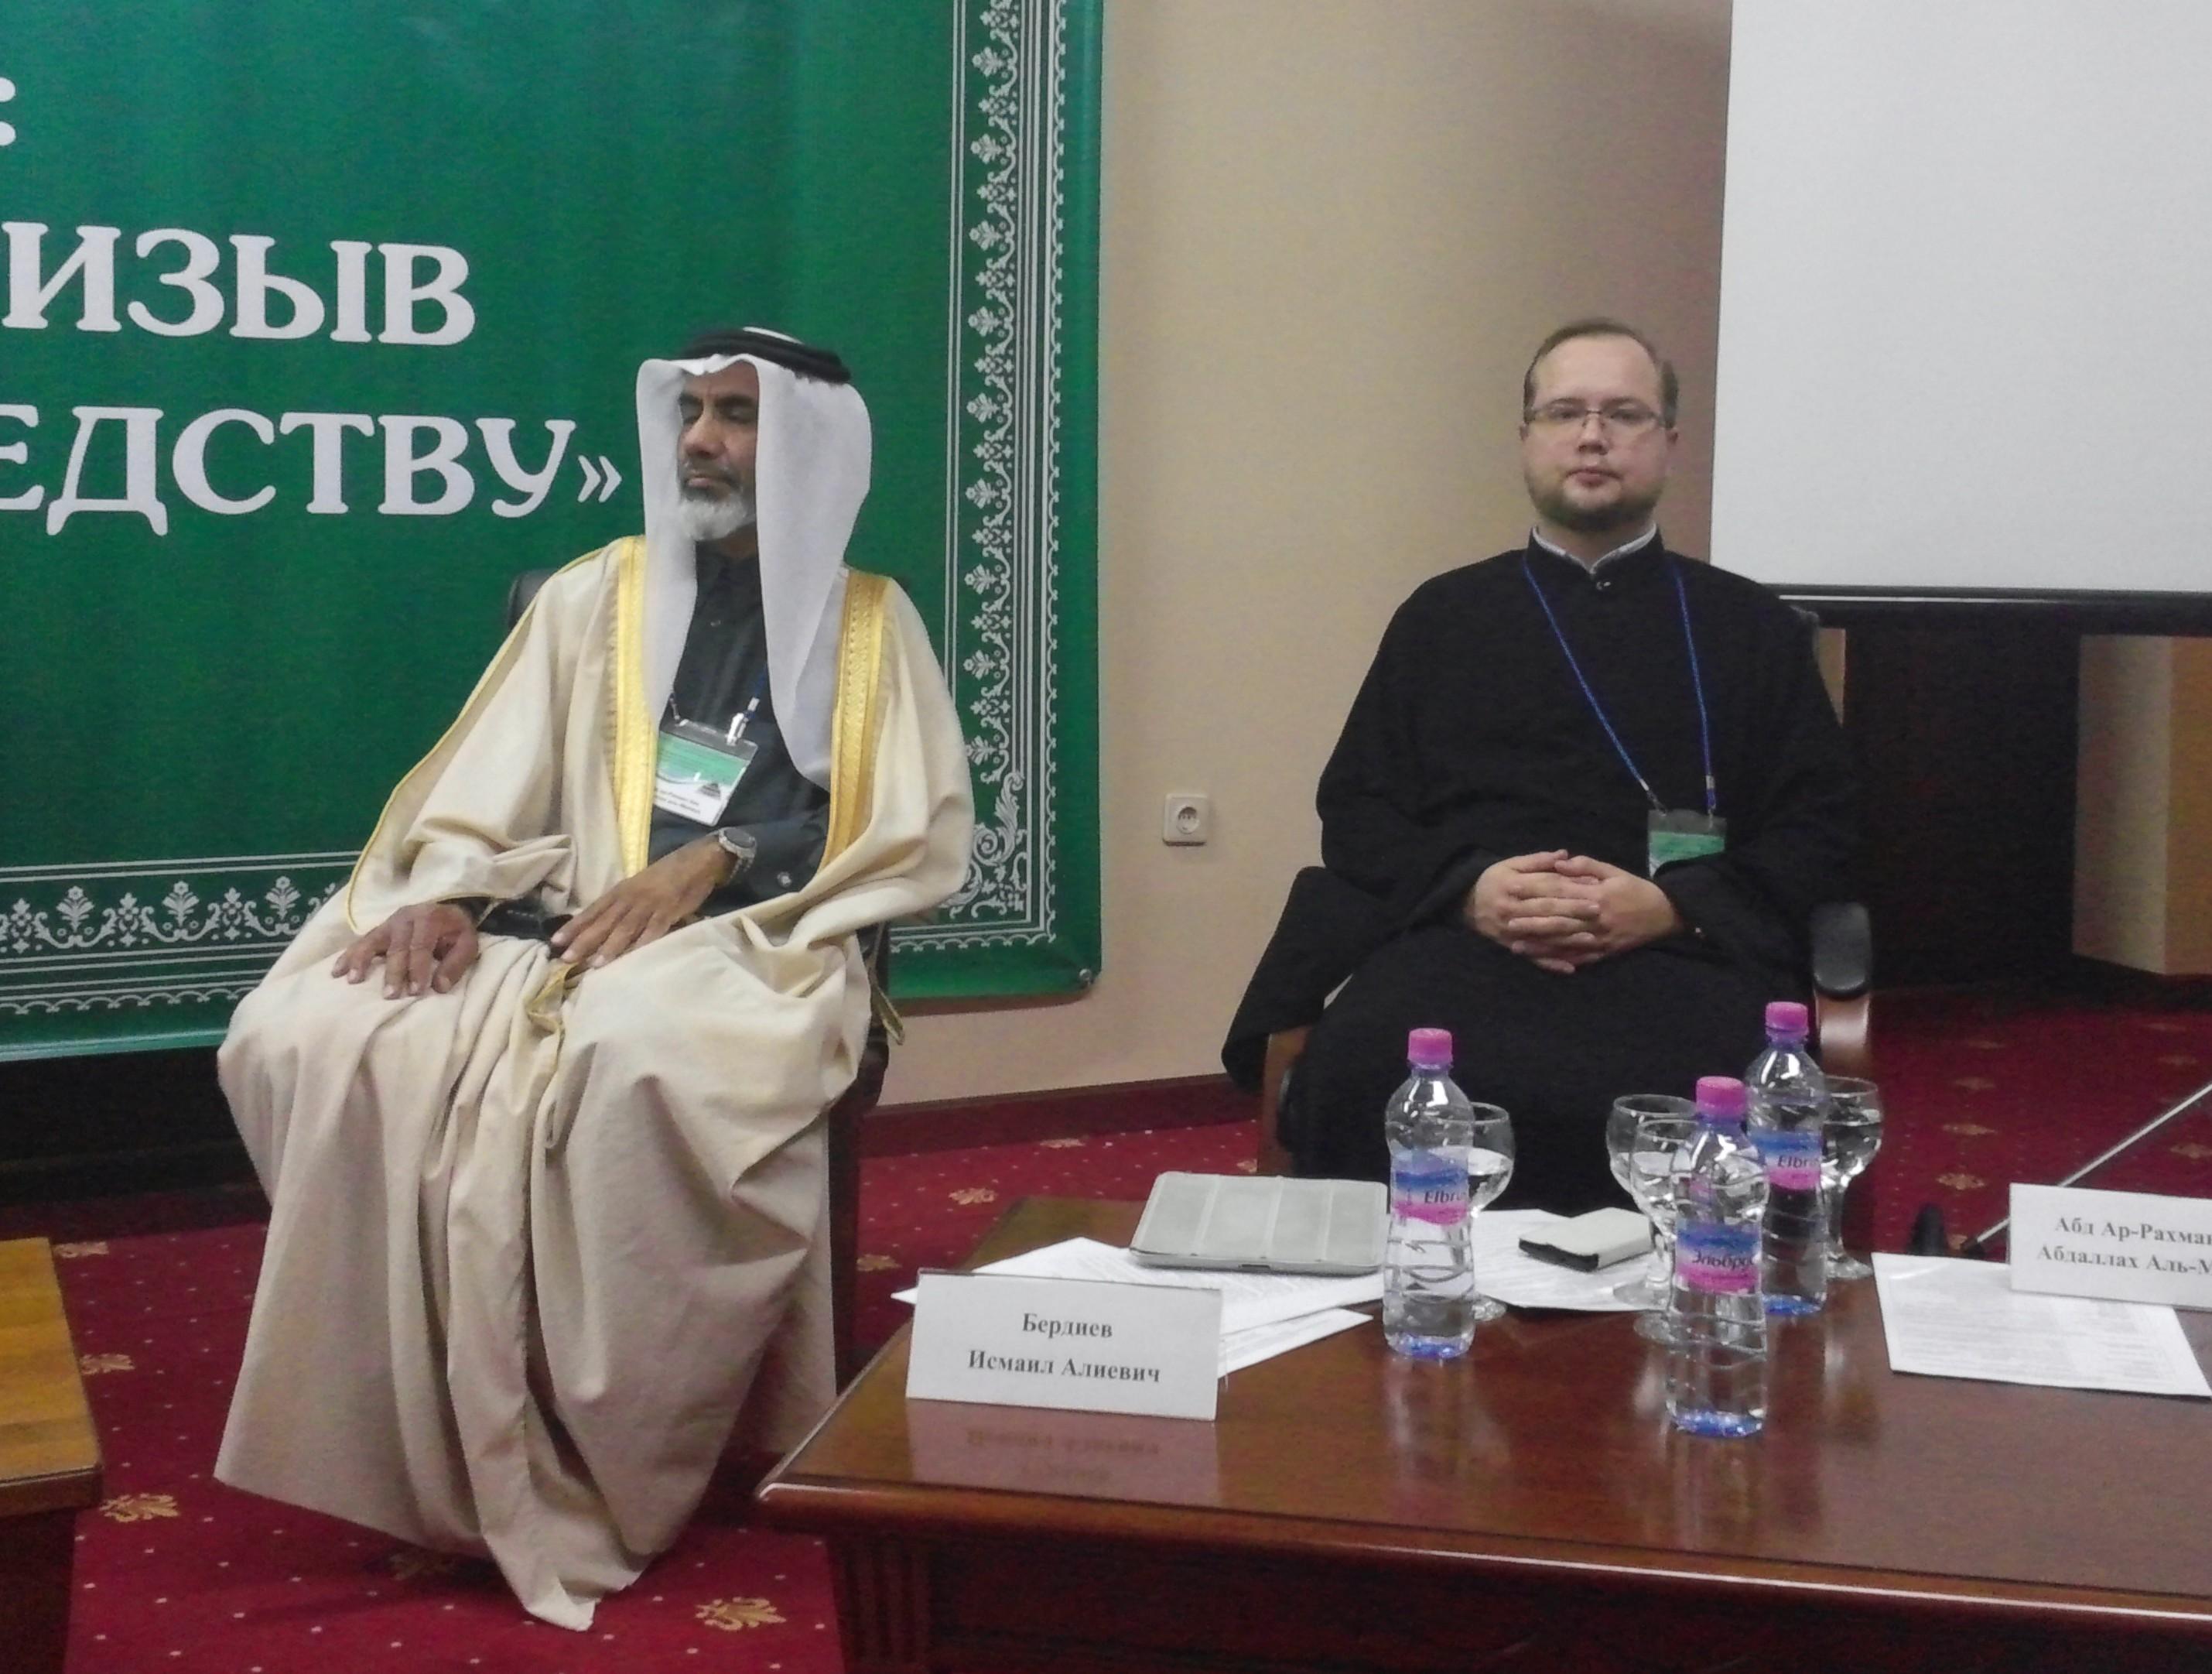 Форум в Нальчике выявил общие проблемы мусульман и православных